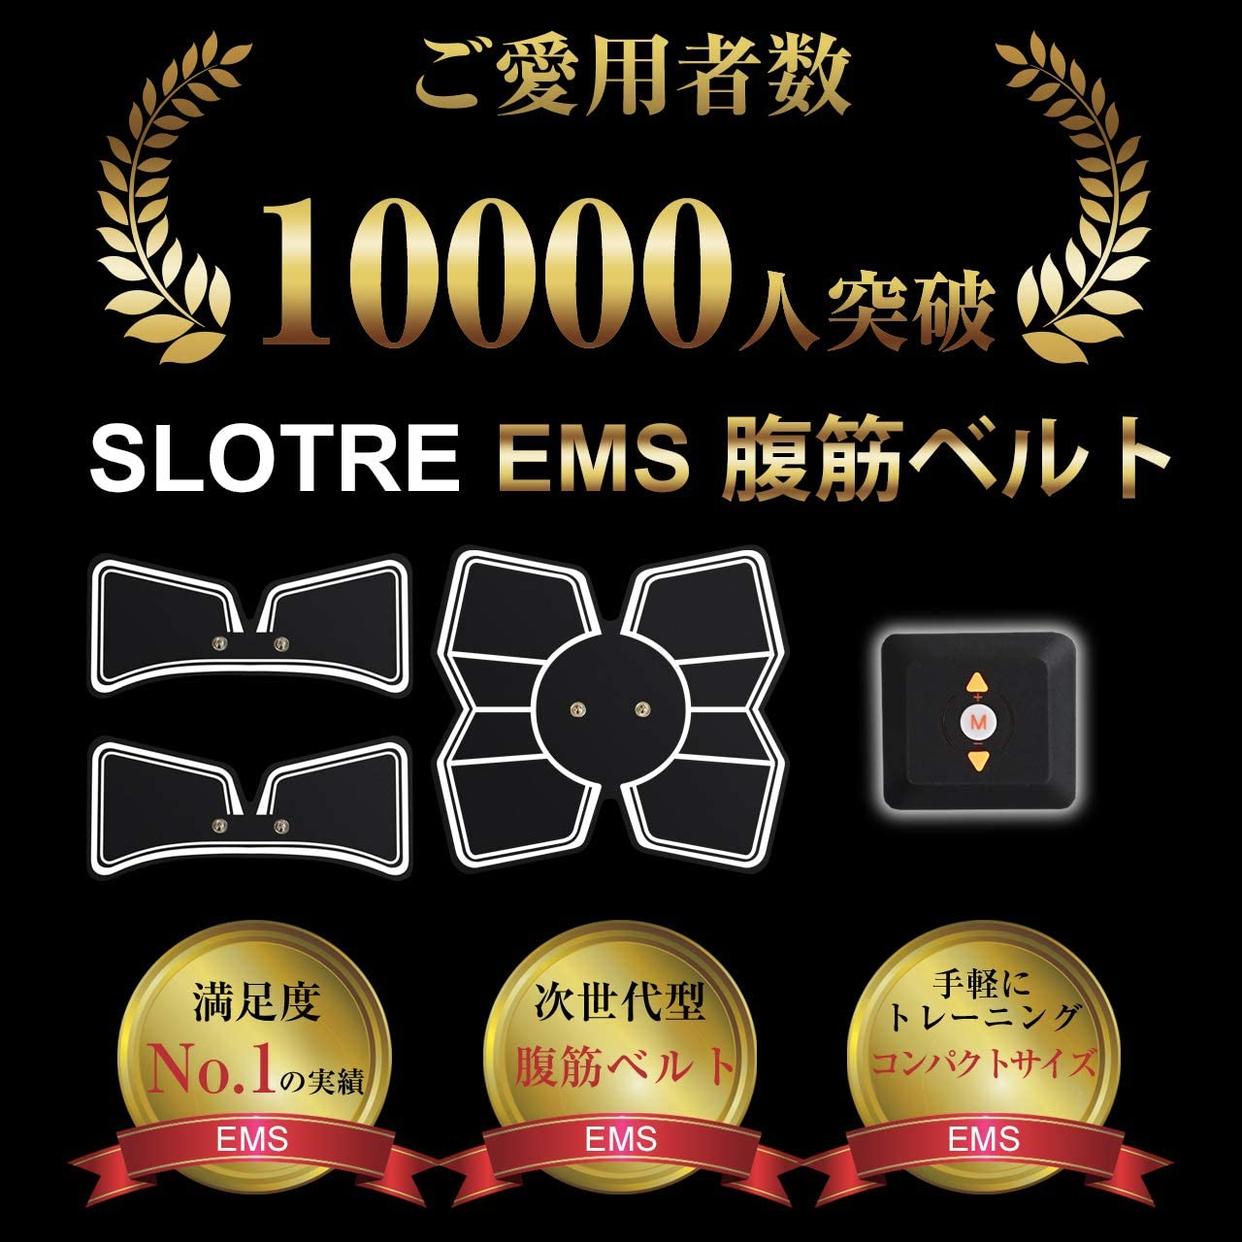 川辺スタジオ SLOTRE EMSの商品画像2